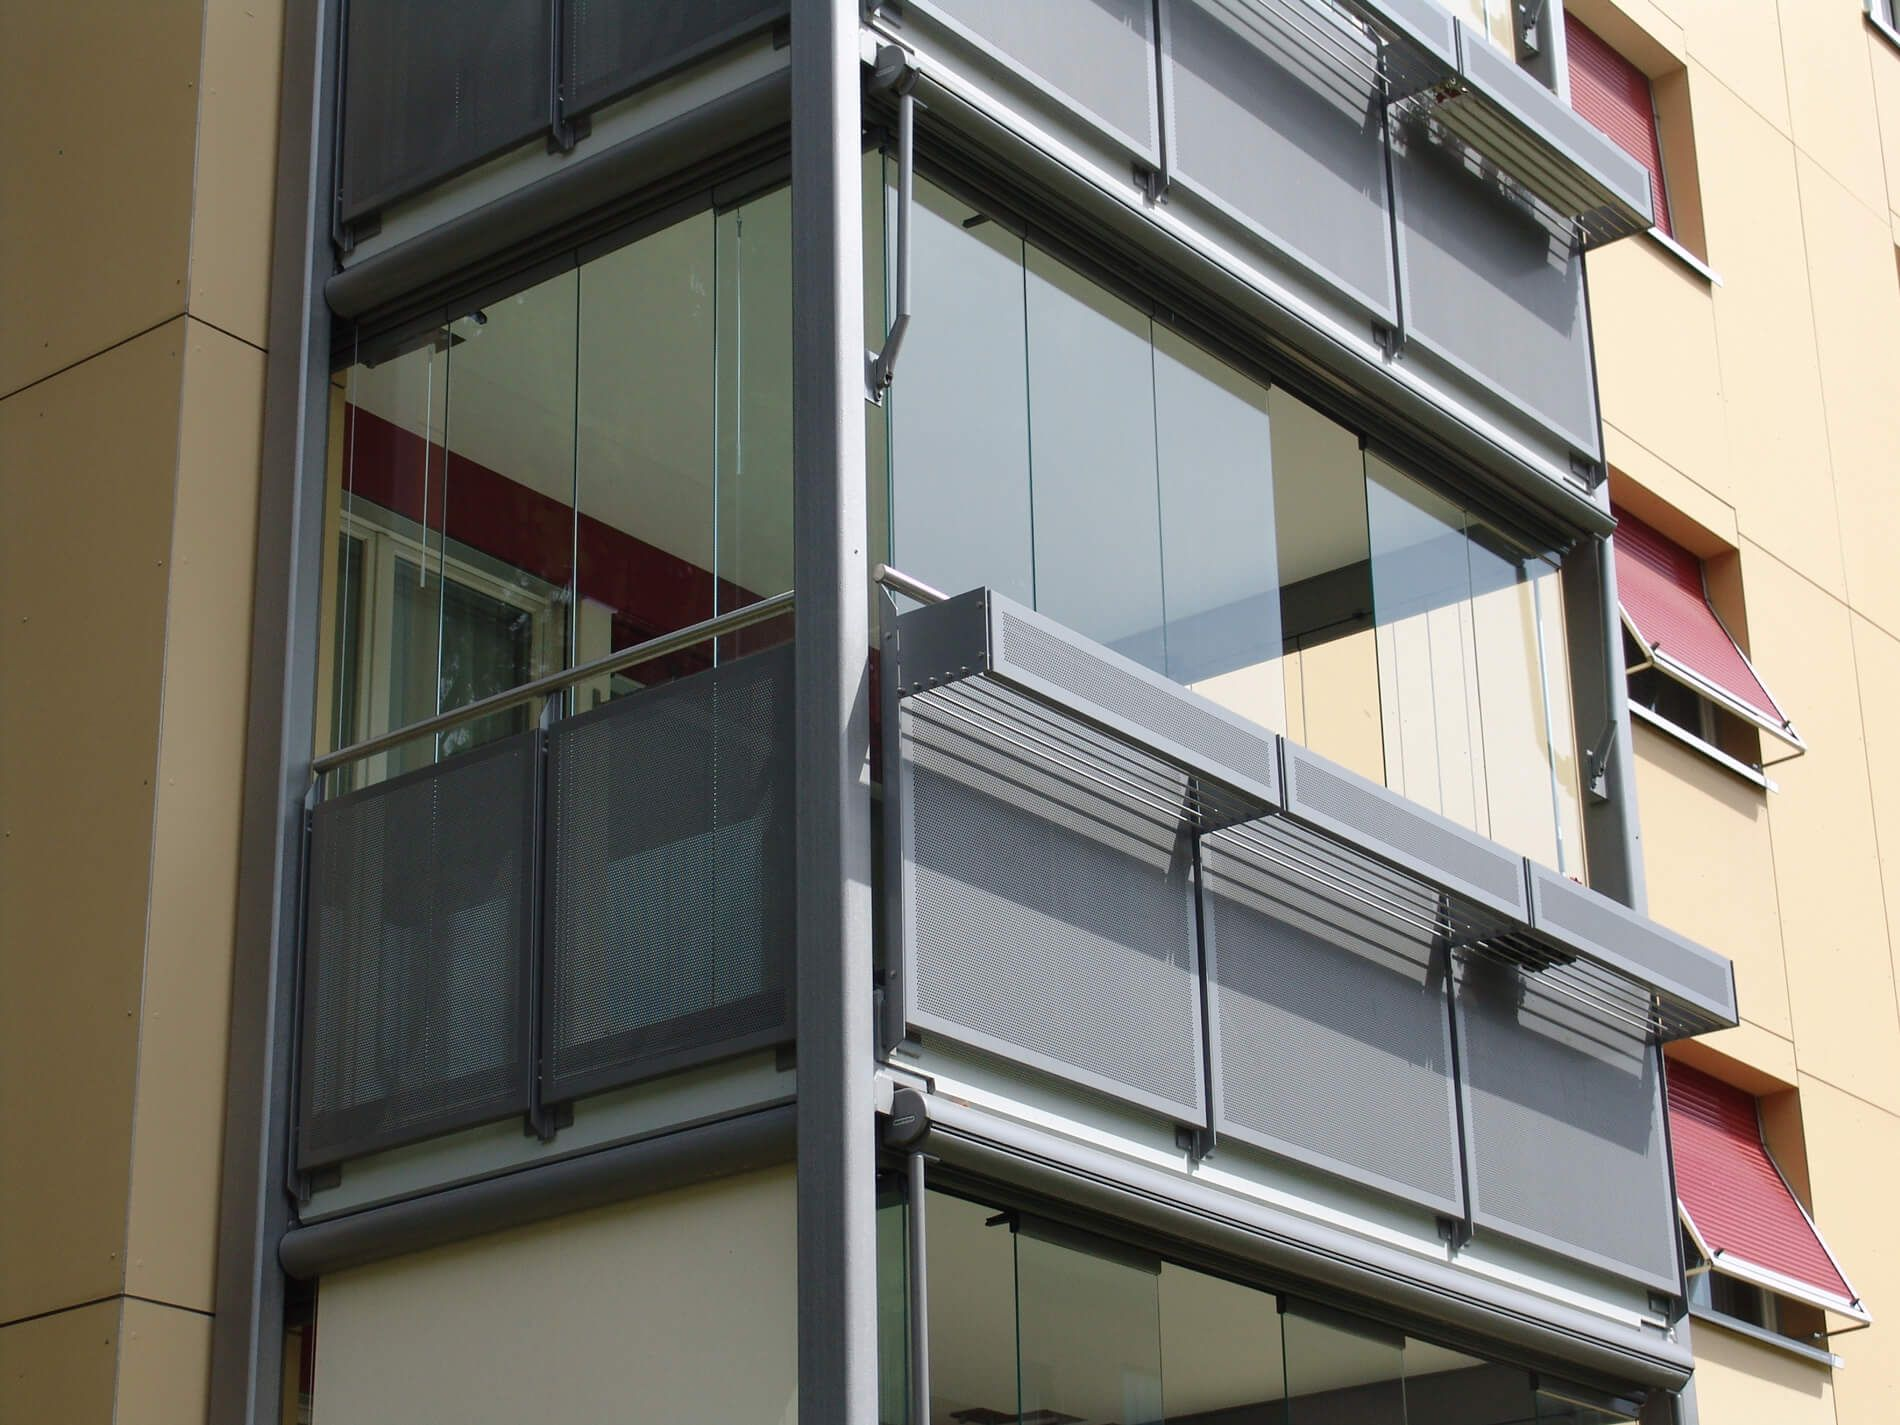 Balkonverkleidung Glas Oberosterreich Regenschutz Balkon